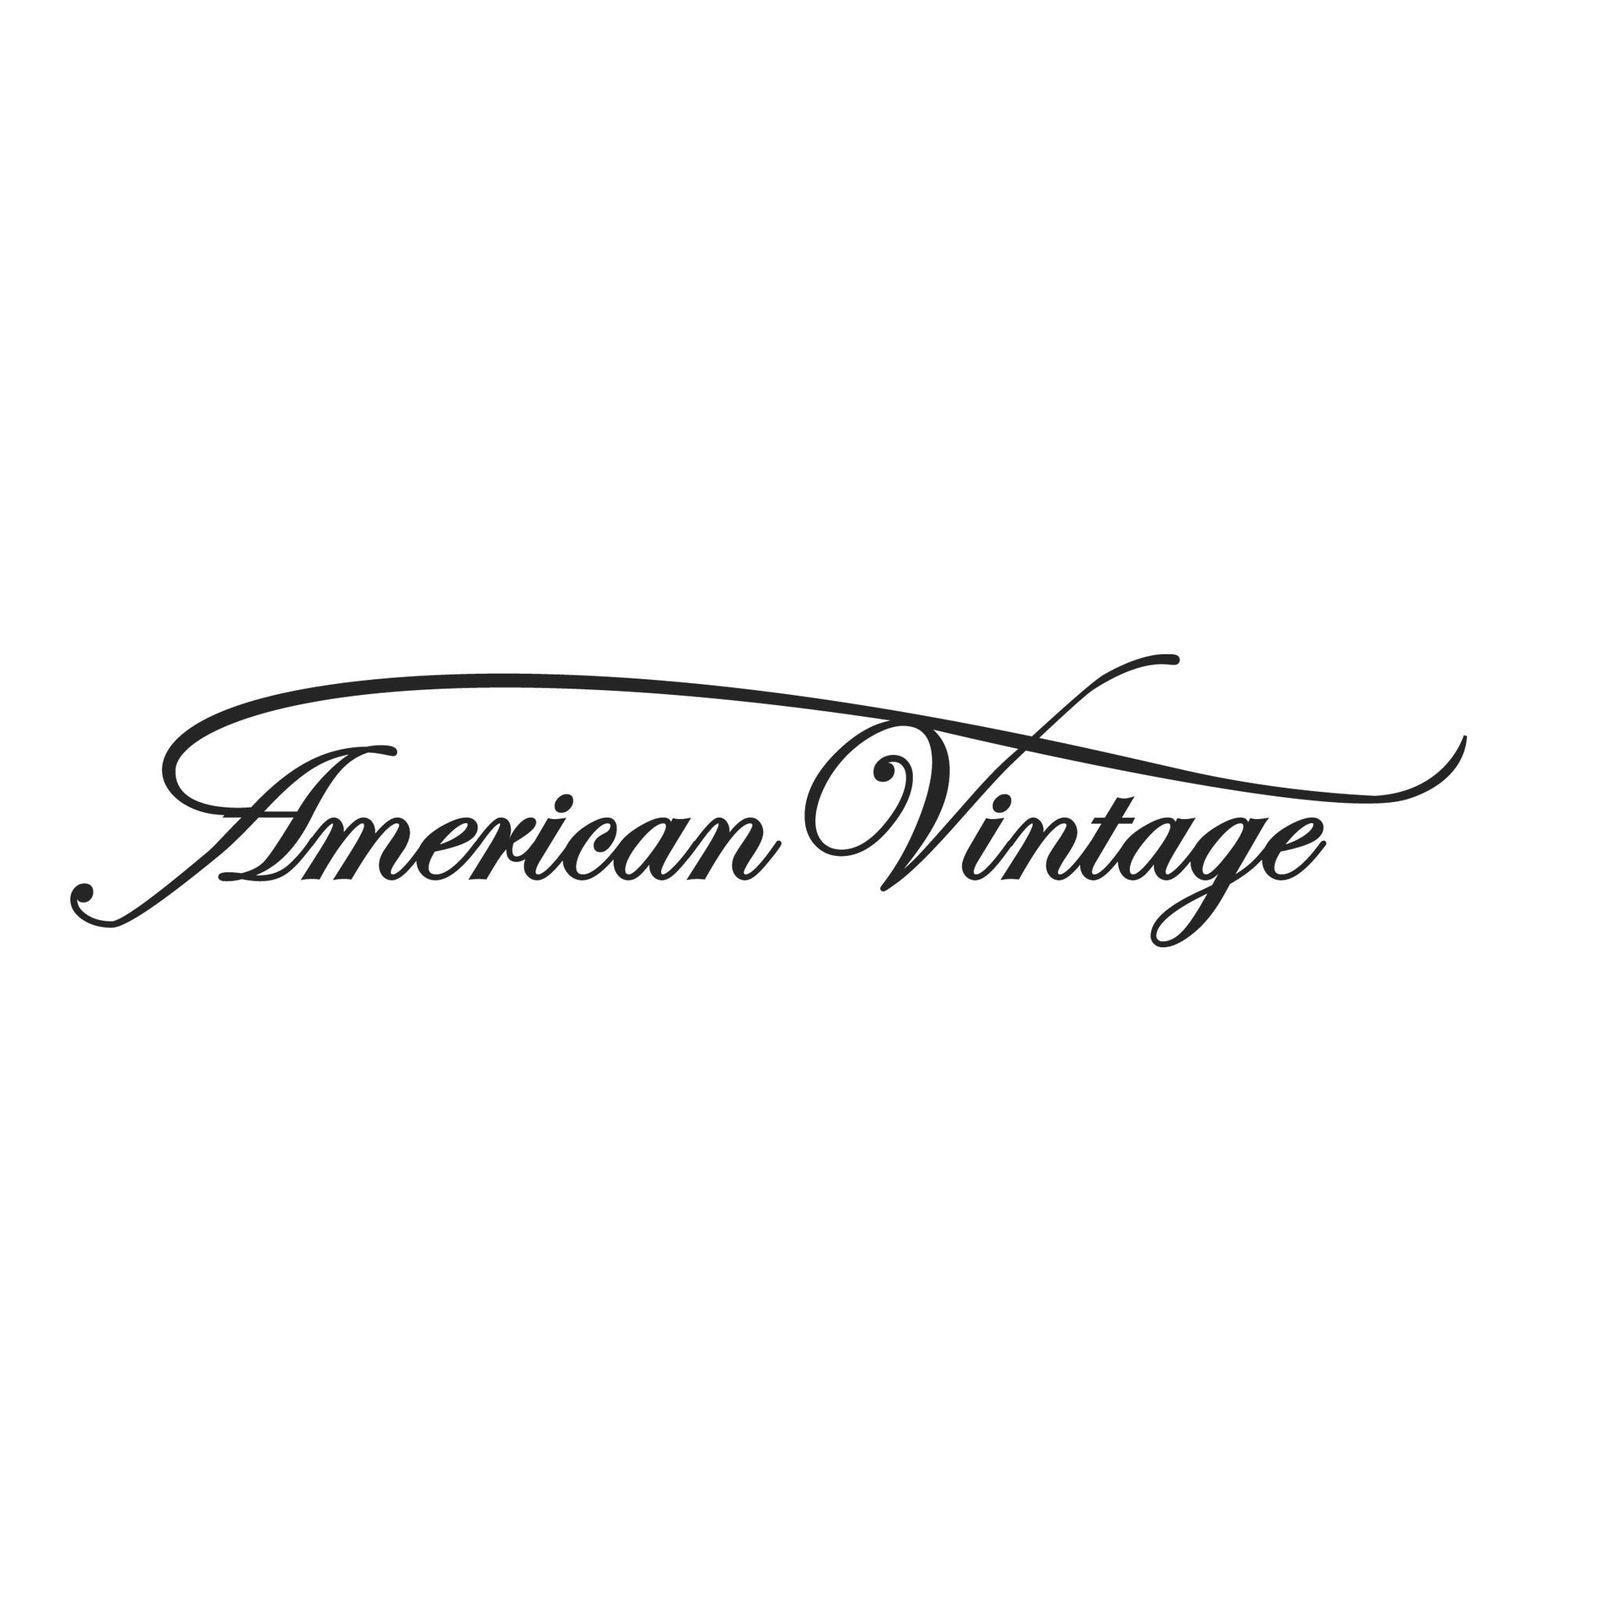 American Vintage (Image 1)